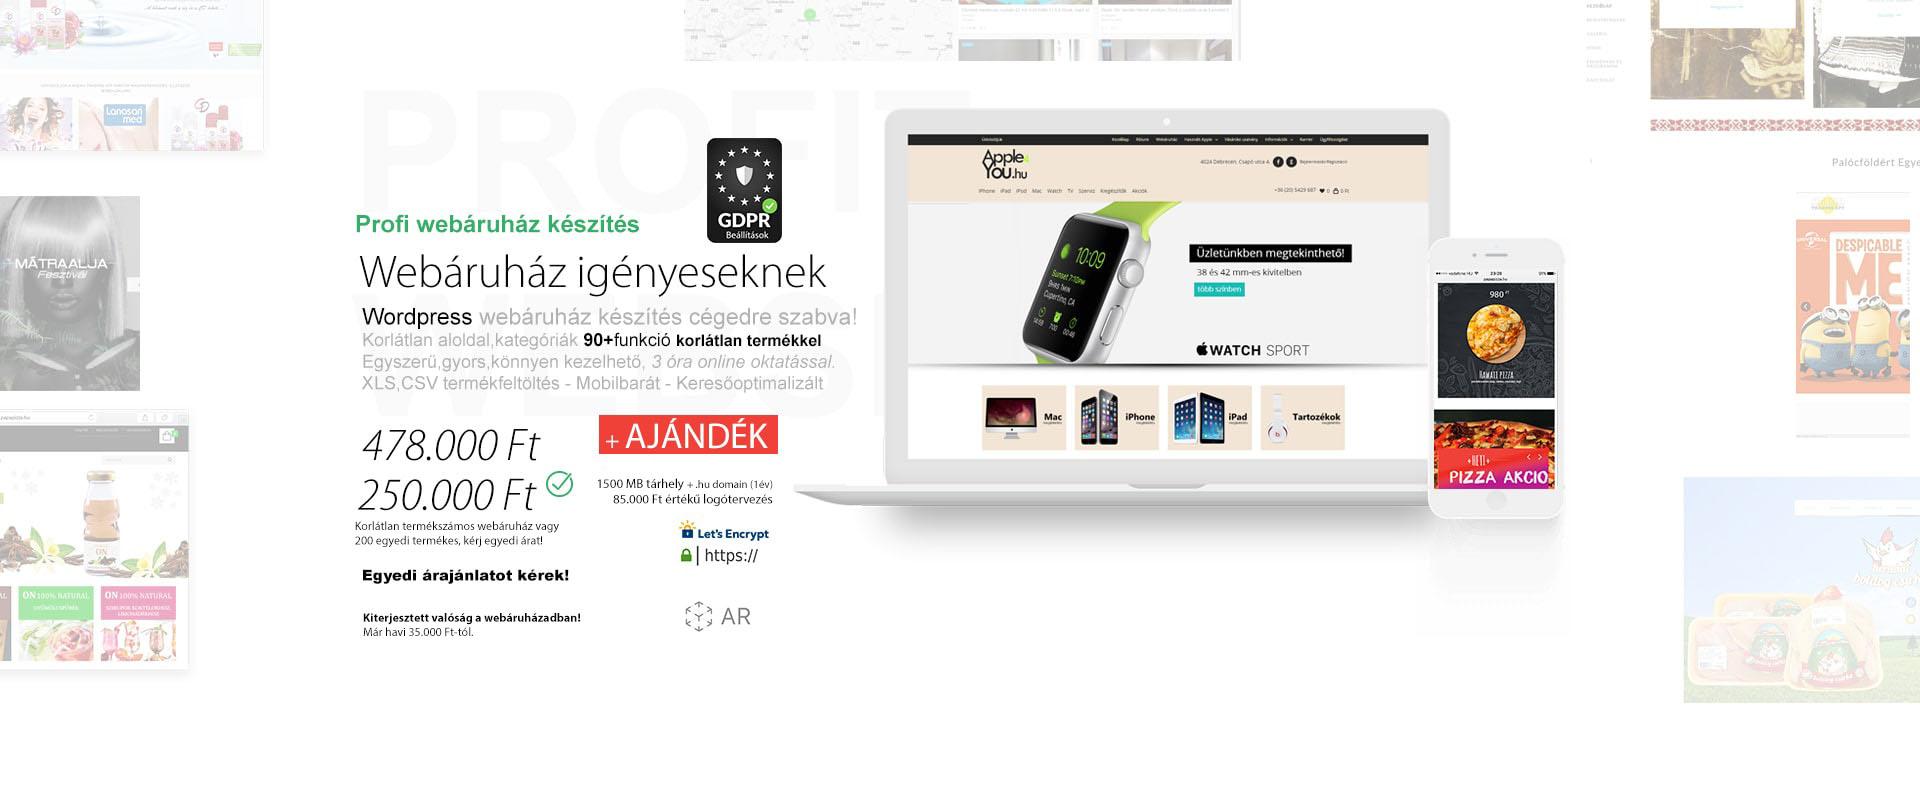 Webáruház készítés árak 2021 - Webshop készítés - Pren Design